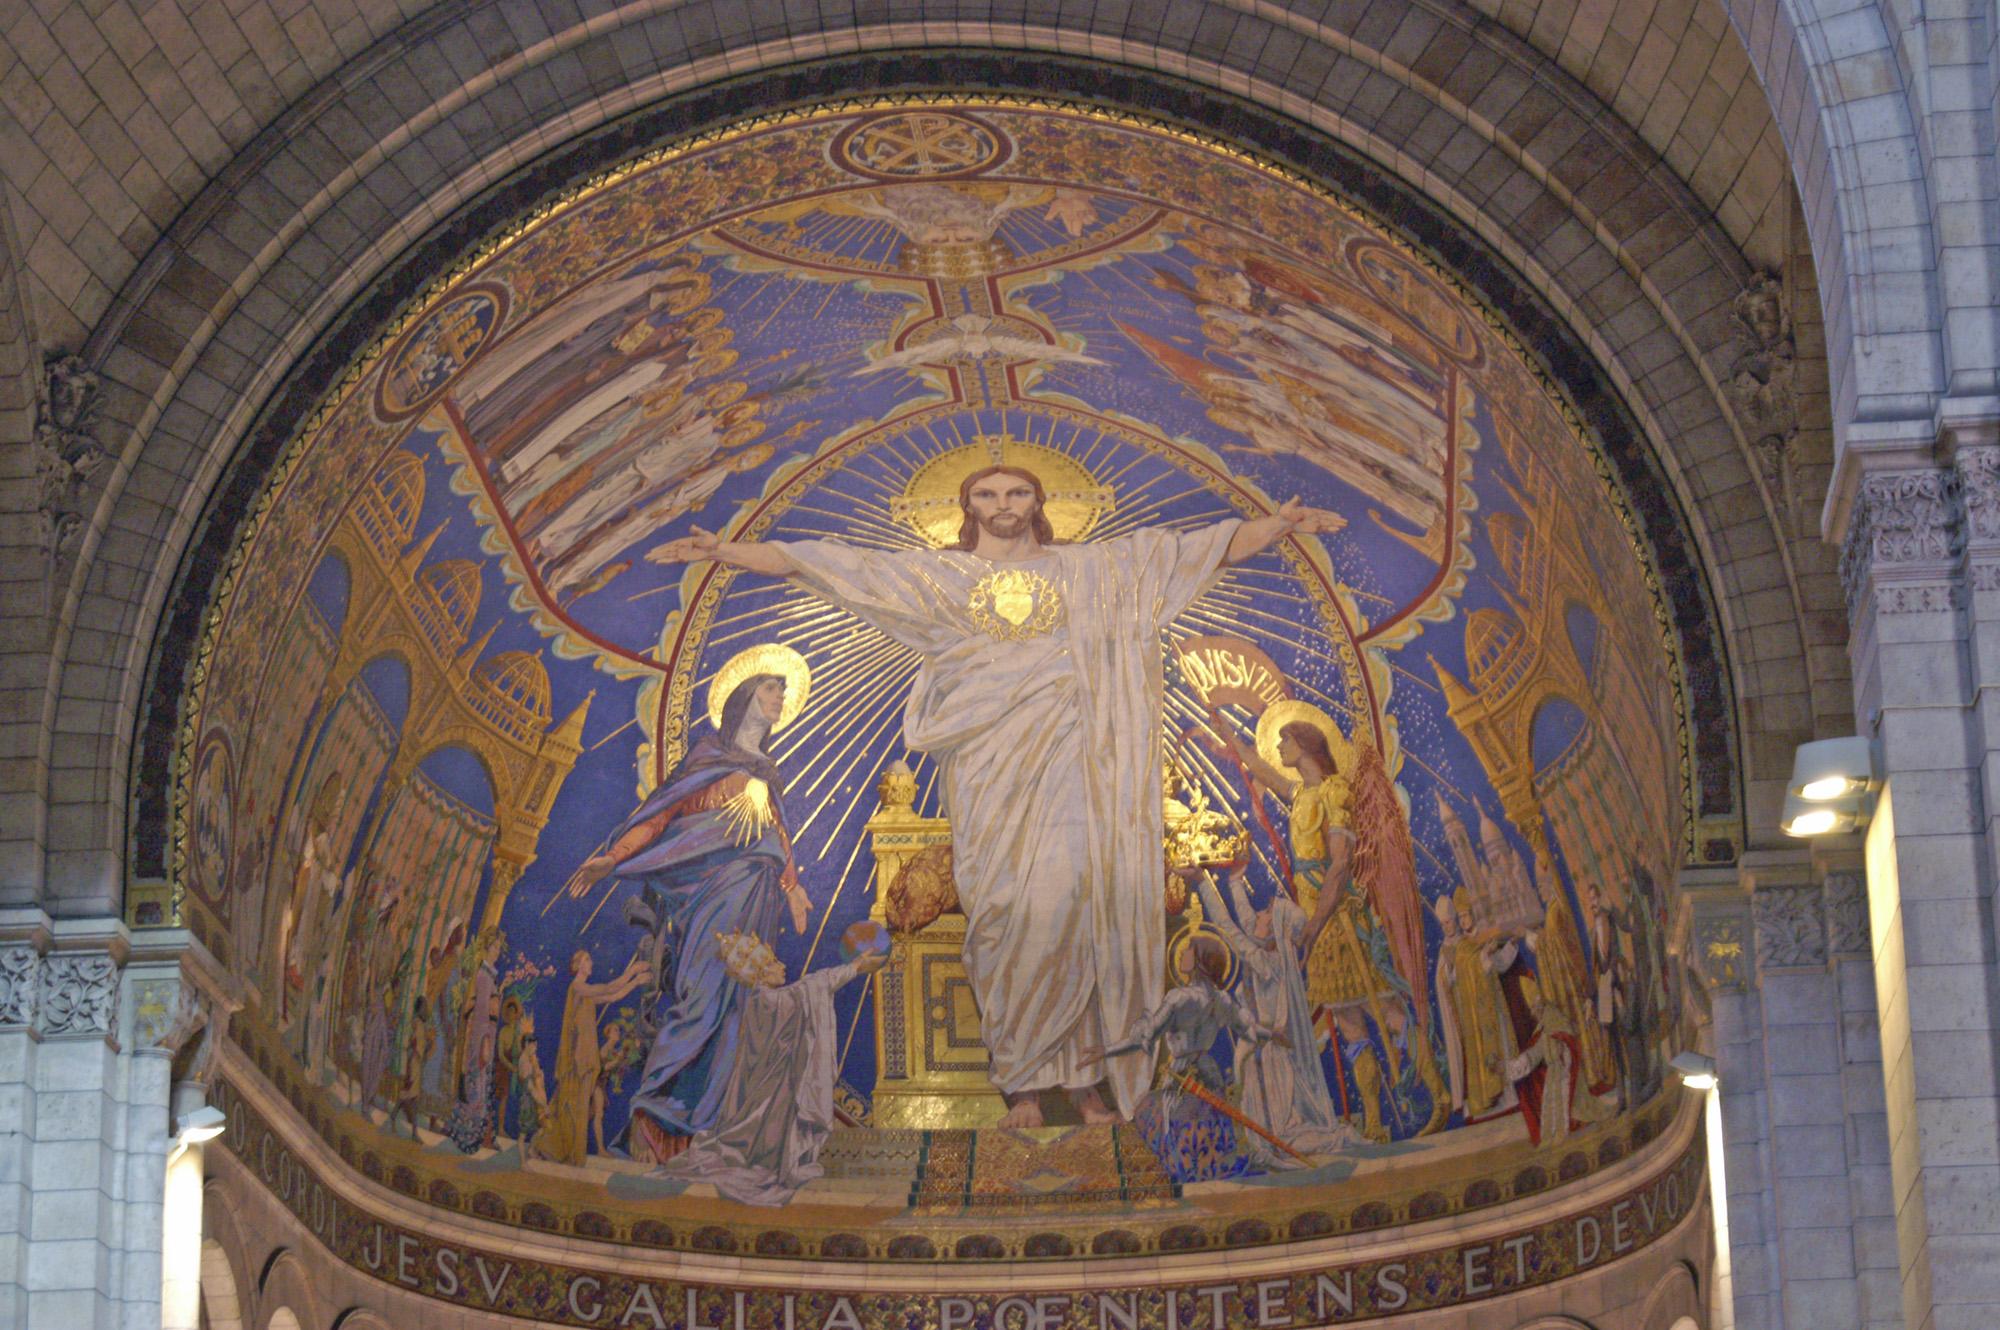 Basilique du Sacre Coeur, Mosaique de l'abside dans images sacrée Sacre_Coeur_-_Mosaique_de_l%27abside